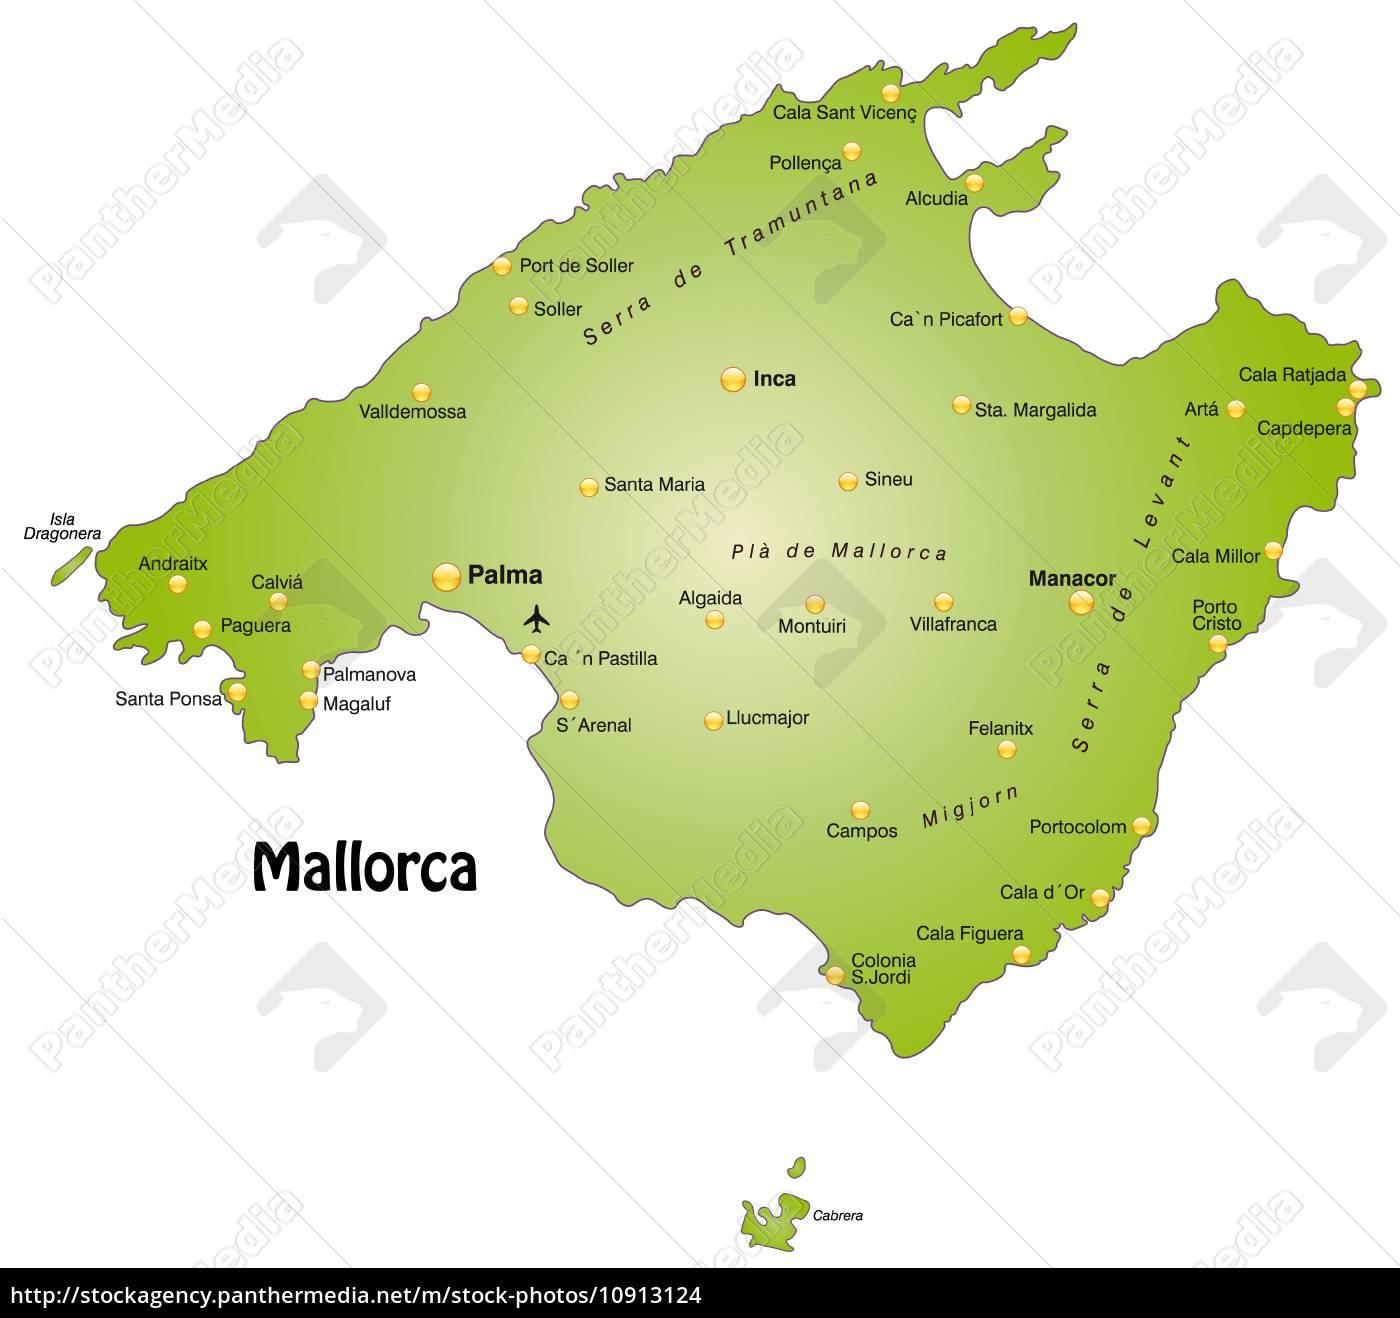 Lizenzfreies Foto 10913124 - Karte von Mallorca als Übersichtskarte in Grün